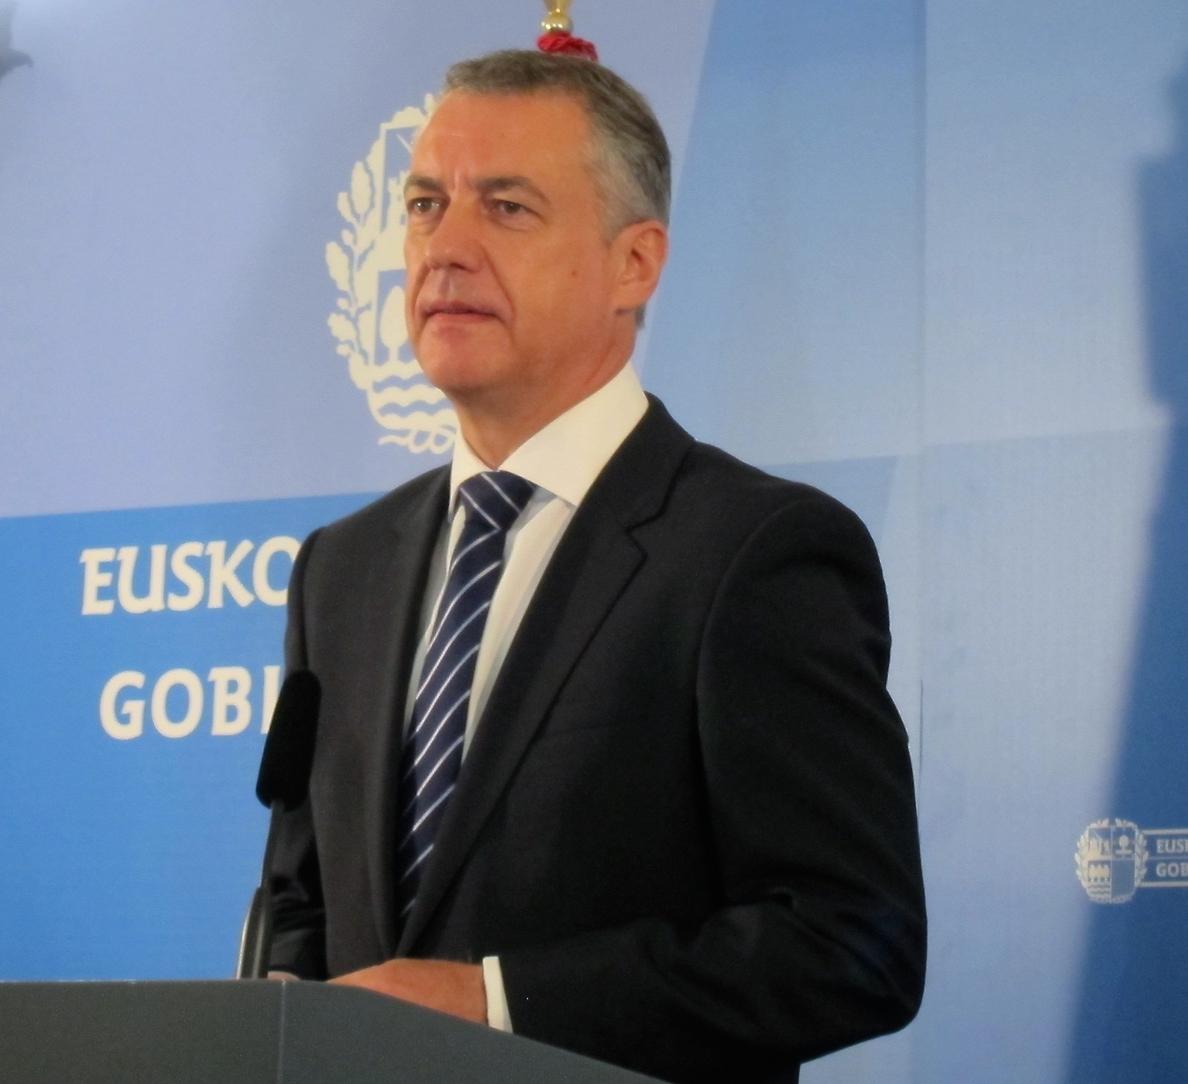 Urkullu afirma que «es de Justicia que ETA proceda a su desarme cuanto antes»